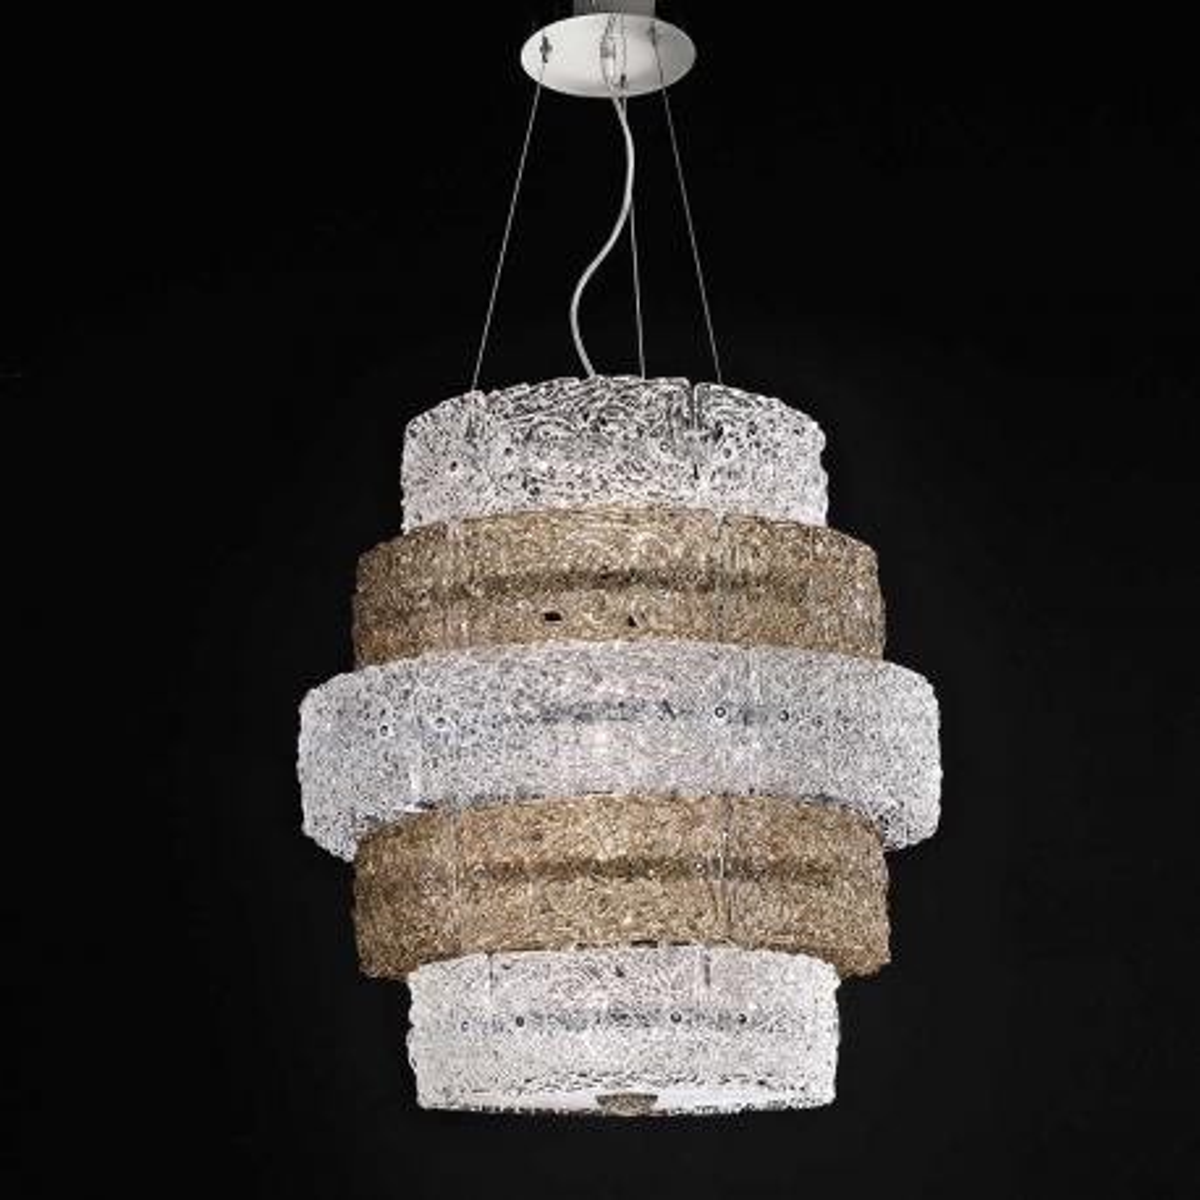 """""""Ilia """" lámpara colgante en cristal de Murano - 12 luces - transparente y humo"""